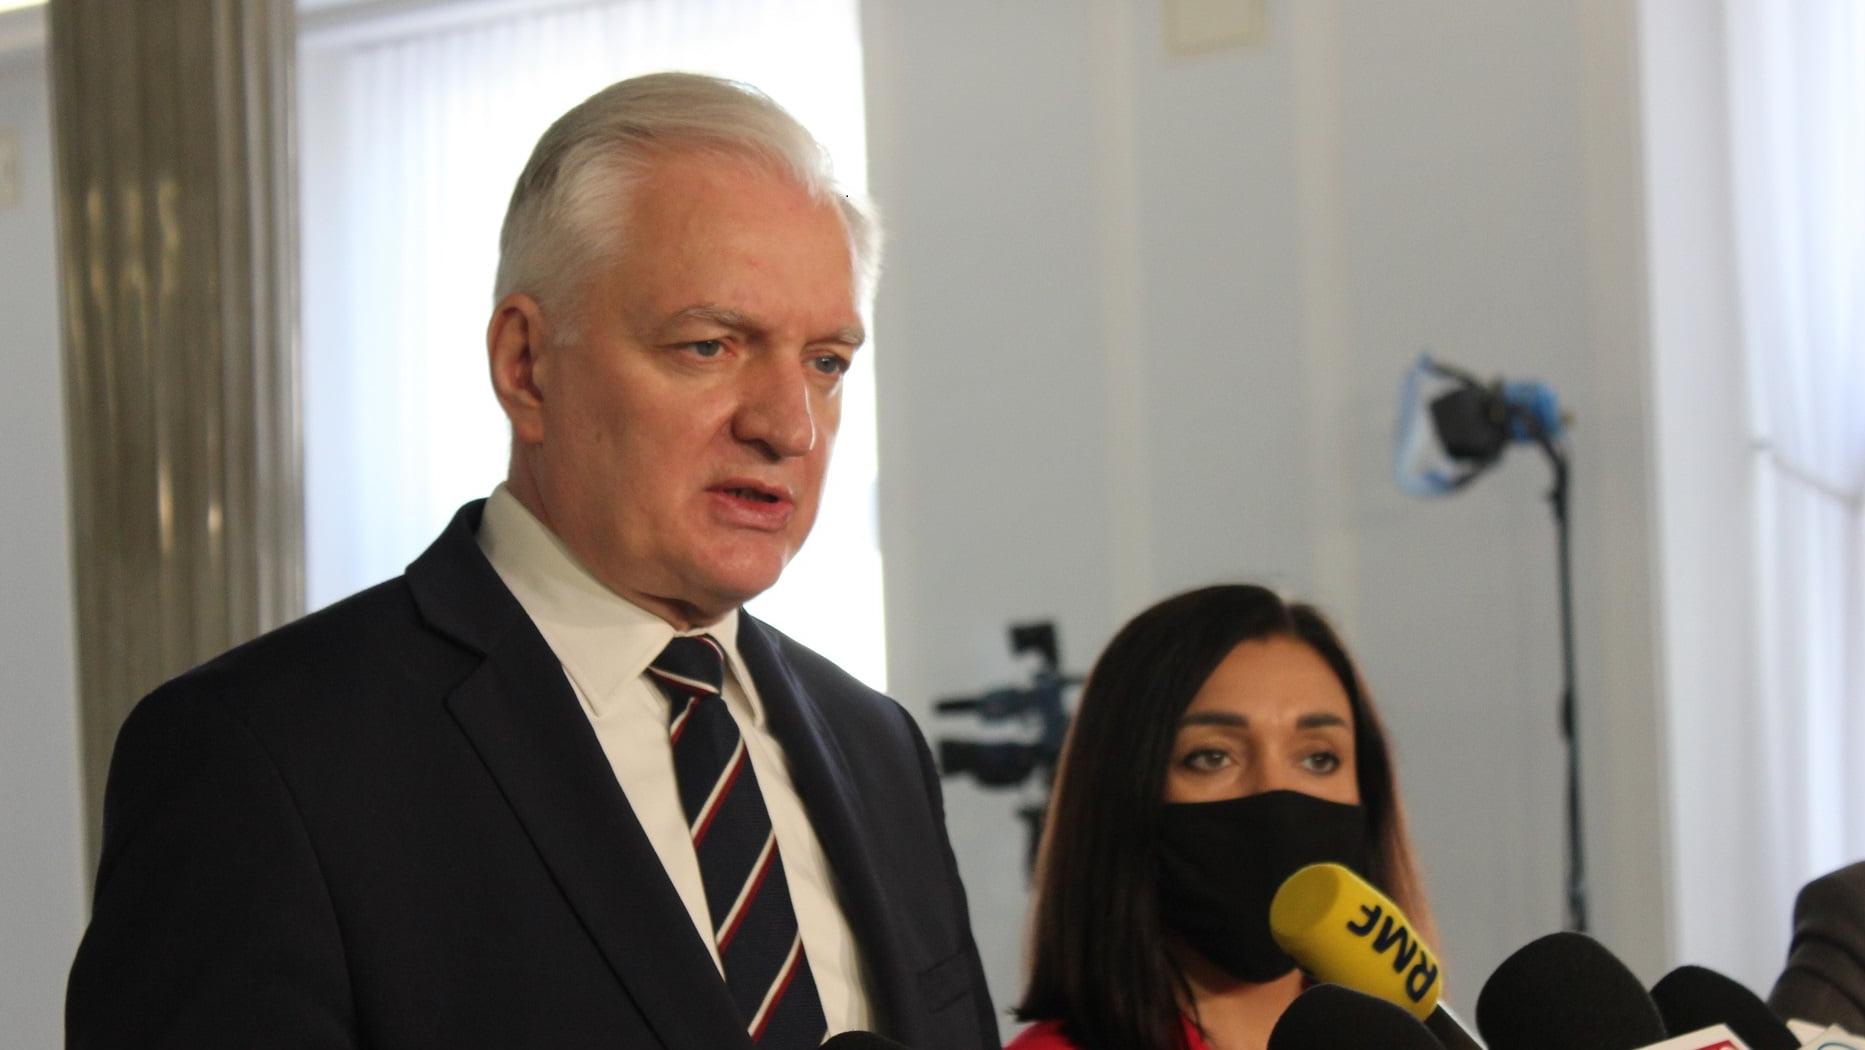 Gowin: Powrót do rządu nie wchodzi w rachubę, PiS utrzyma większość do wiosny